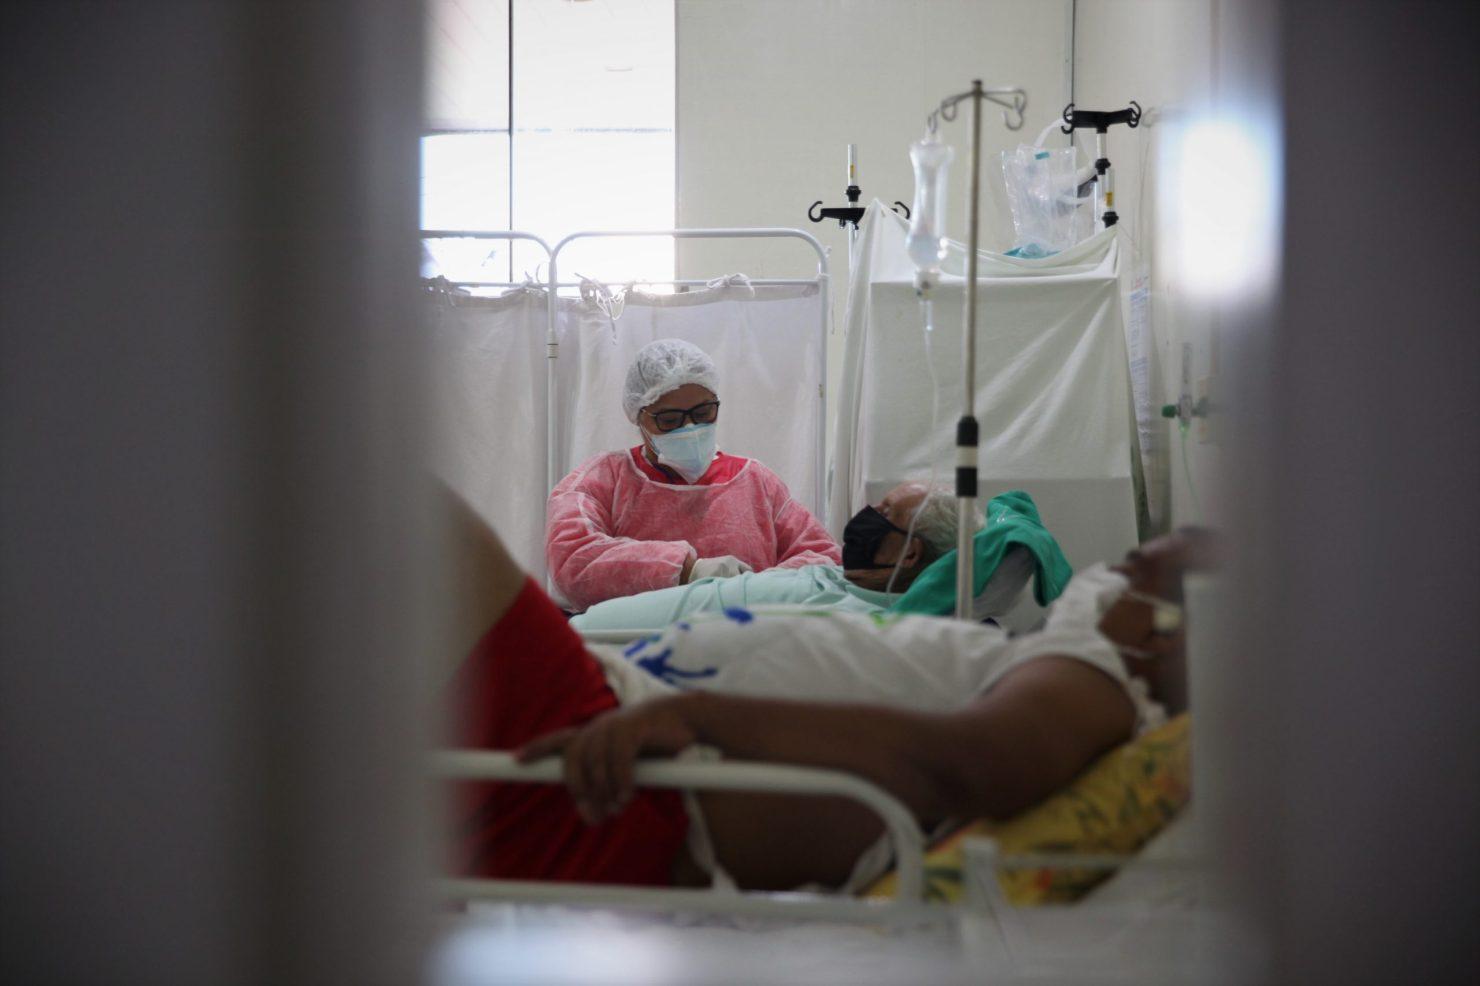 Em meio à pandemia, taxa de ocupação de leitos de UTI fica abaixo de 50% em todo Acre